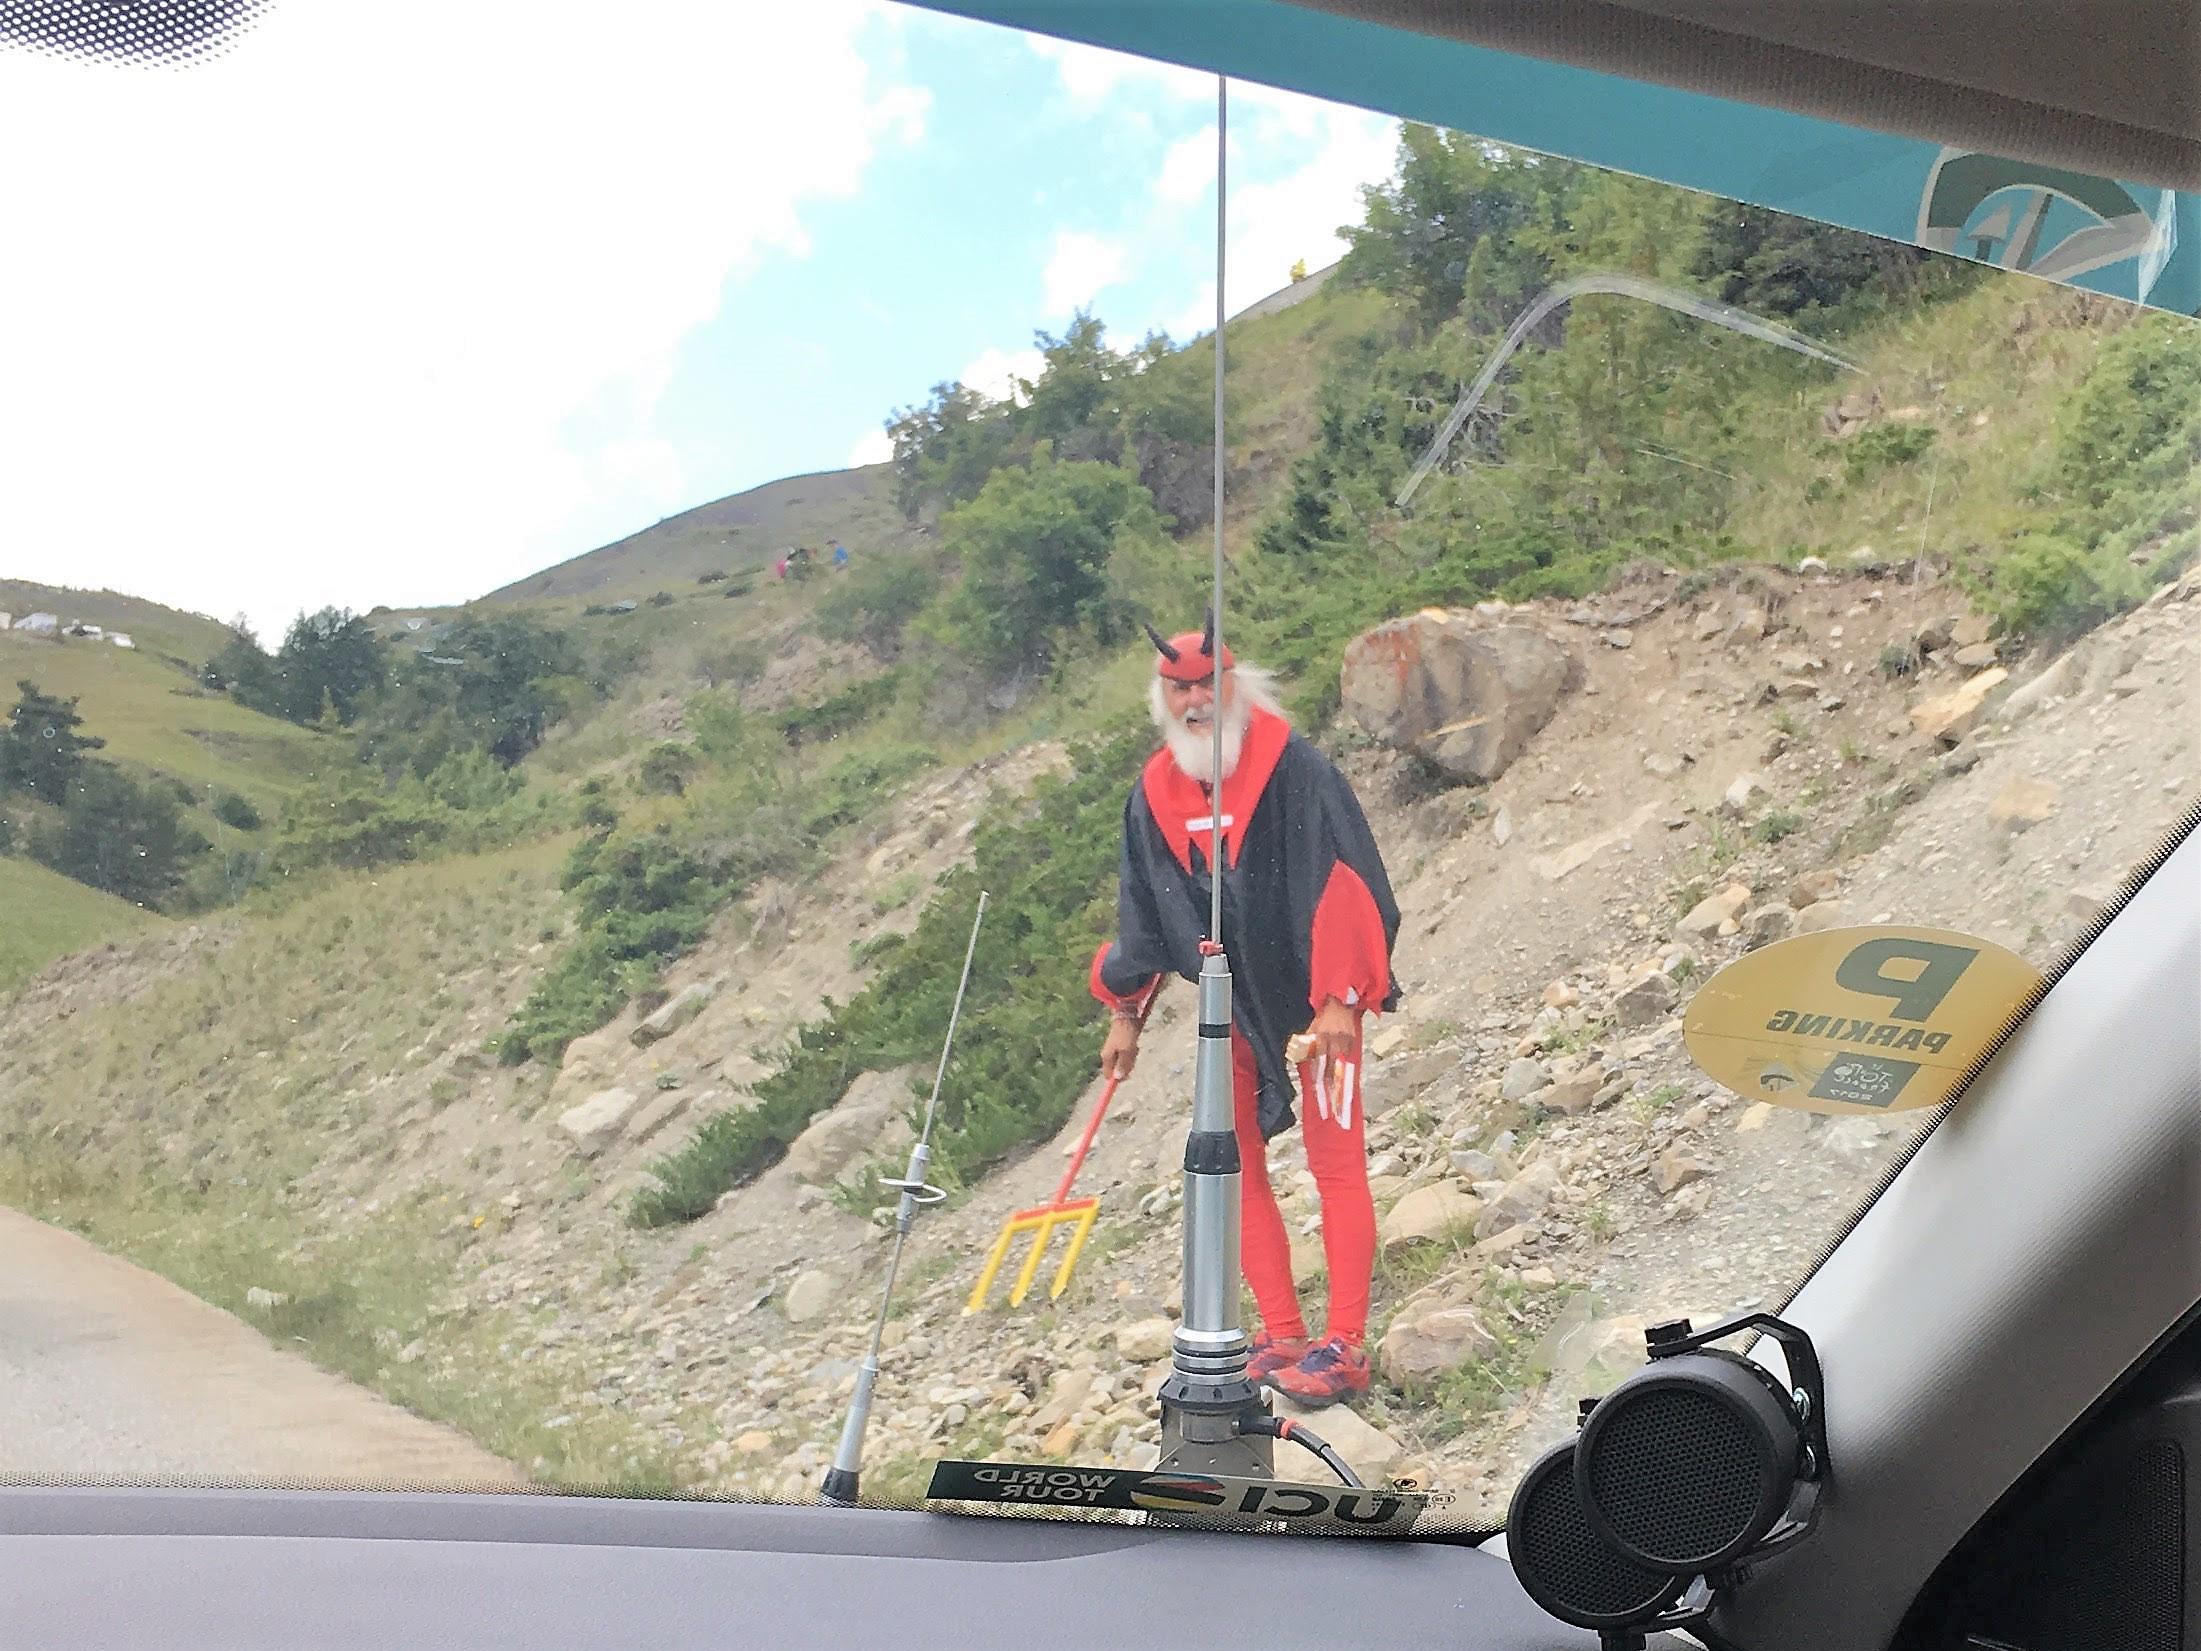 The famous red devil of the Tour de France